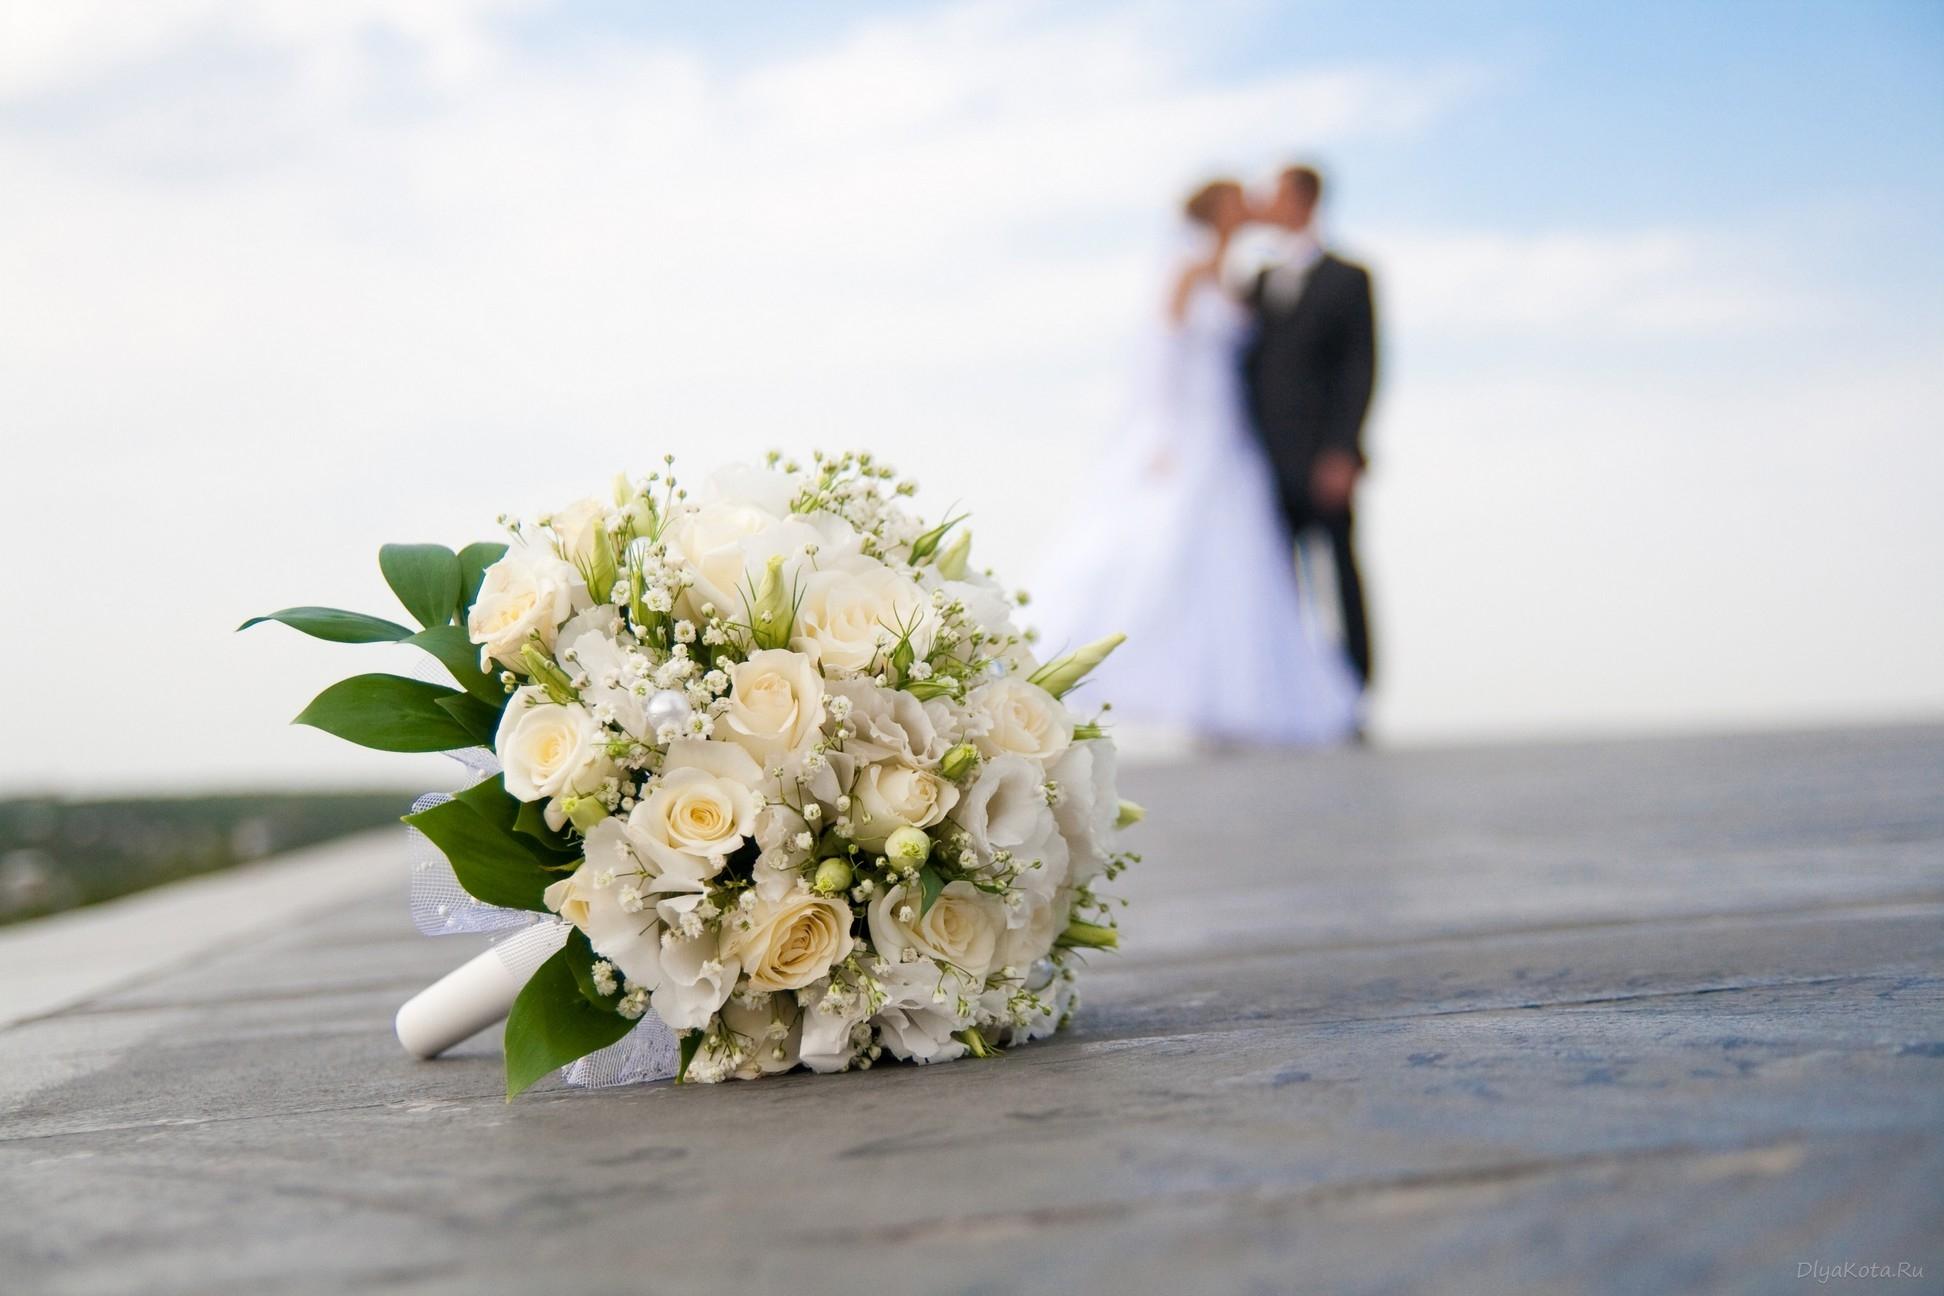 mariage Russie tradition modernité bouquet restaurant cadeaux